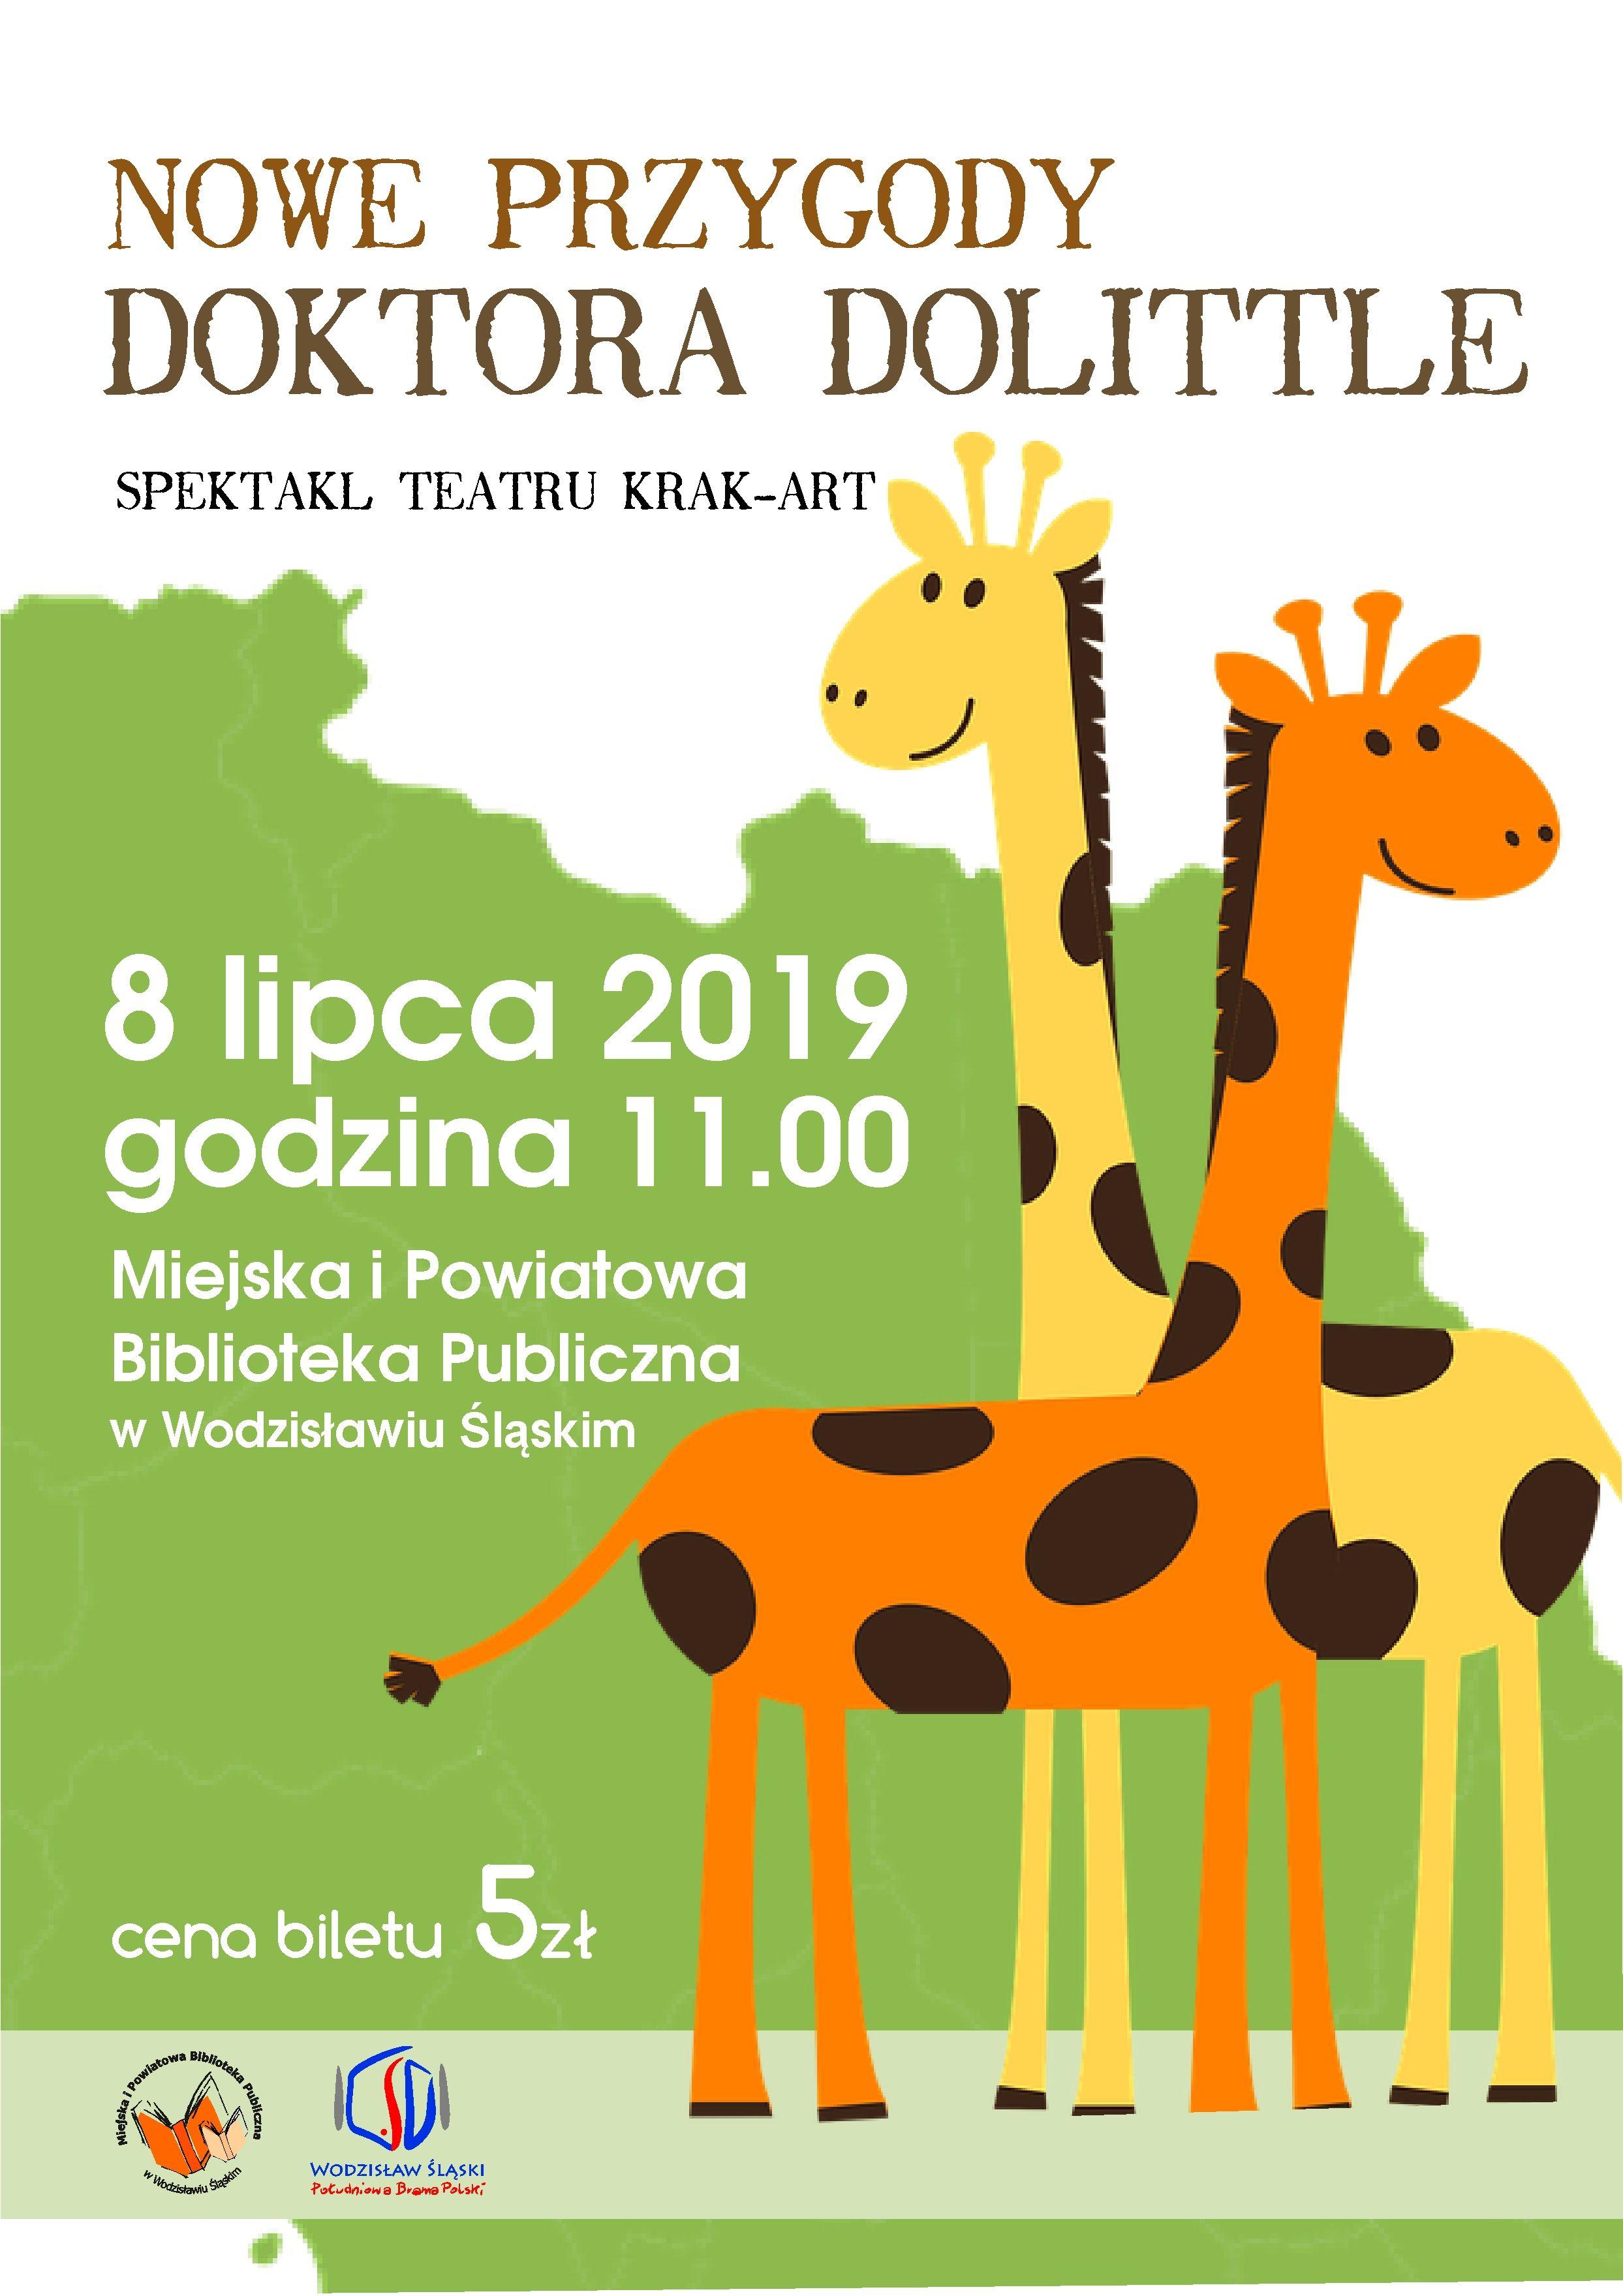 NOWE PRZYGODY DOKTORA DOLITTLE – 8 Lipca 2019 Godz. 11.00